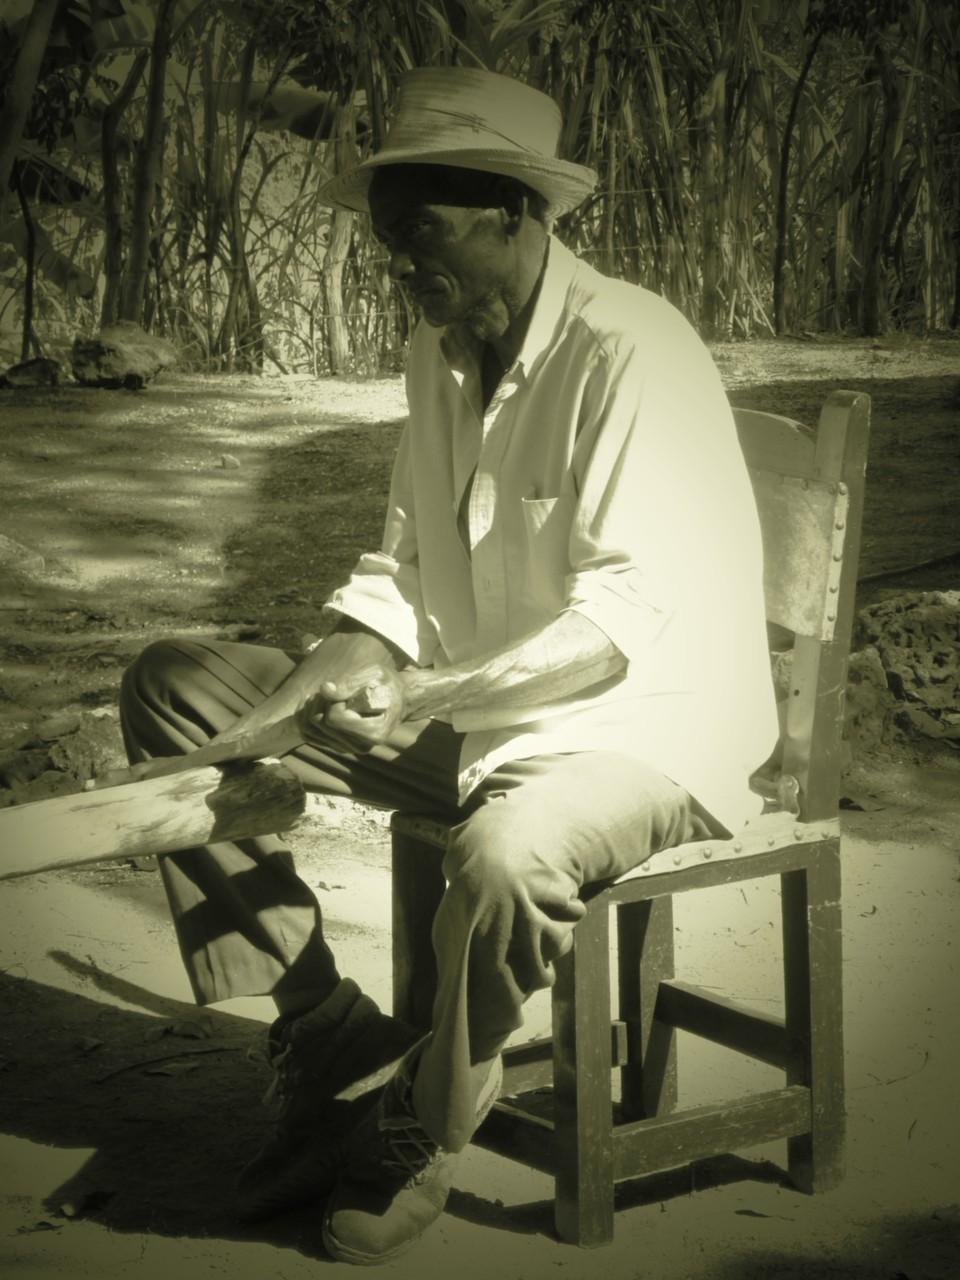 Trinidad: Der Grillmeister